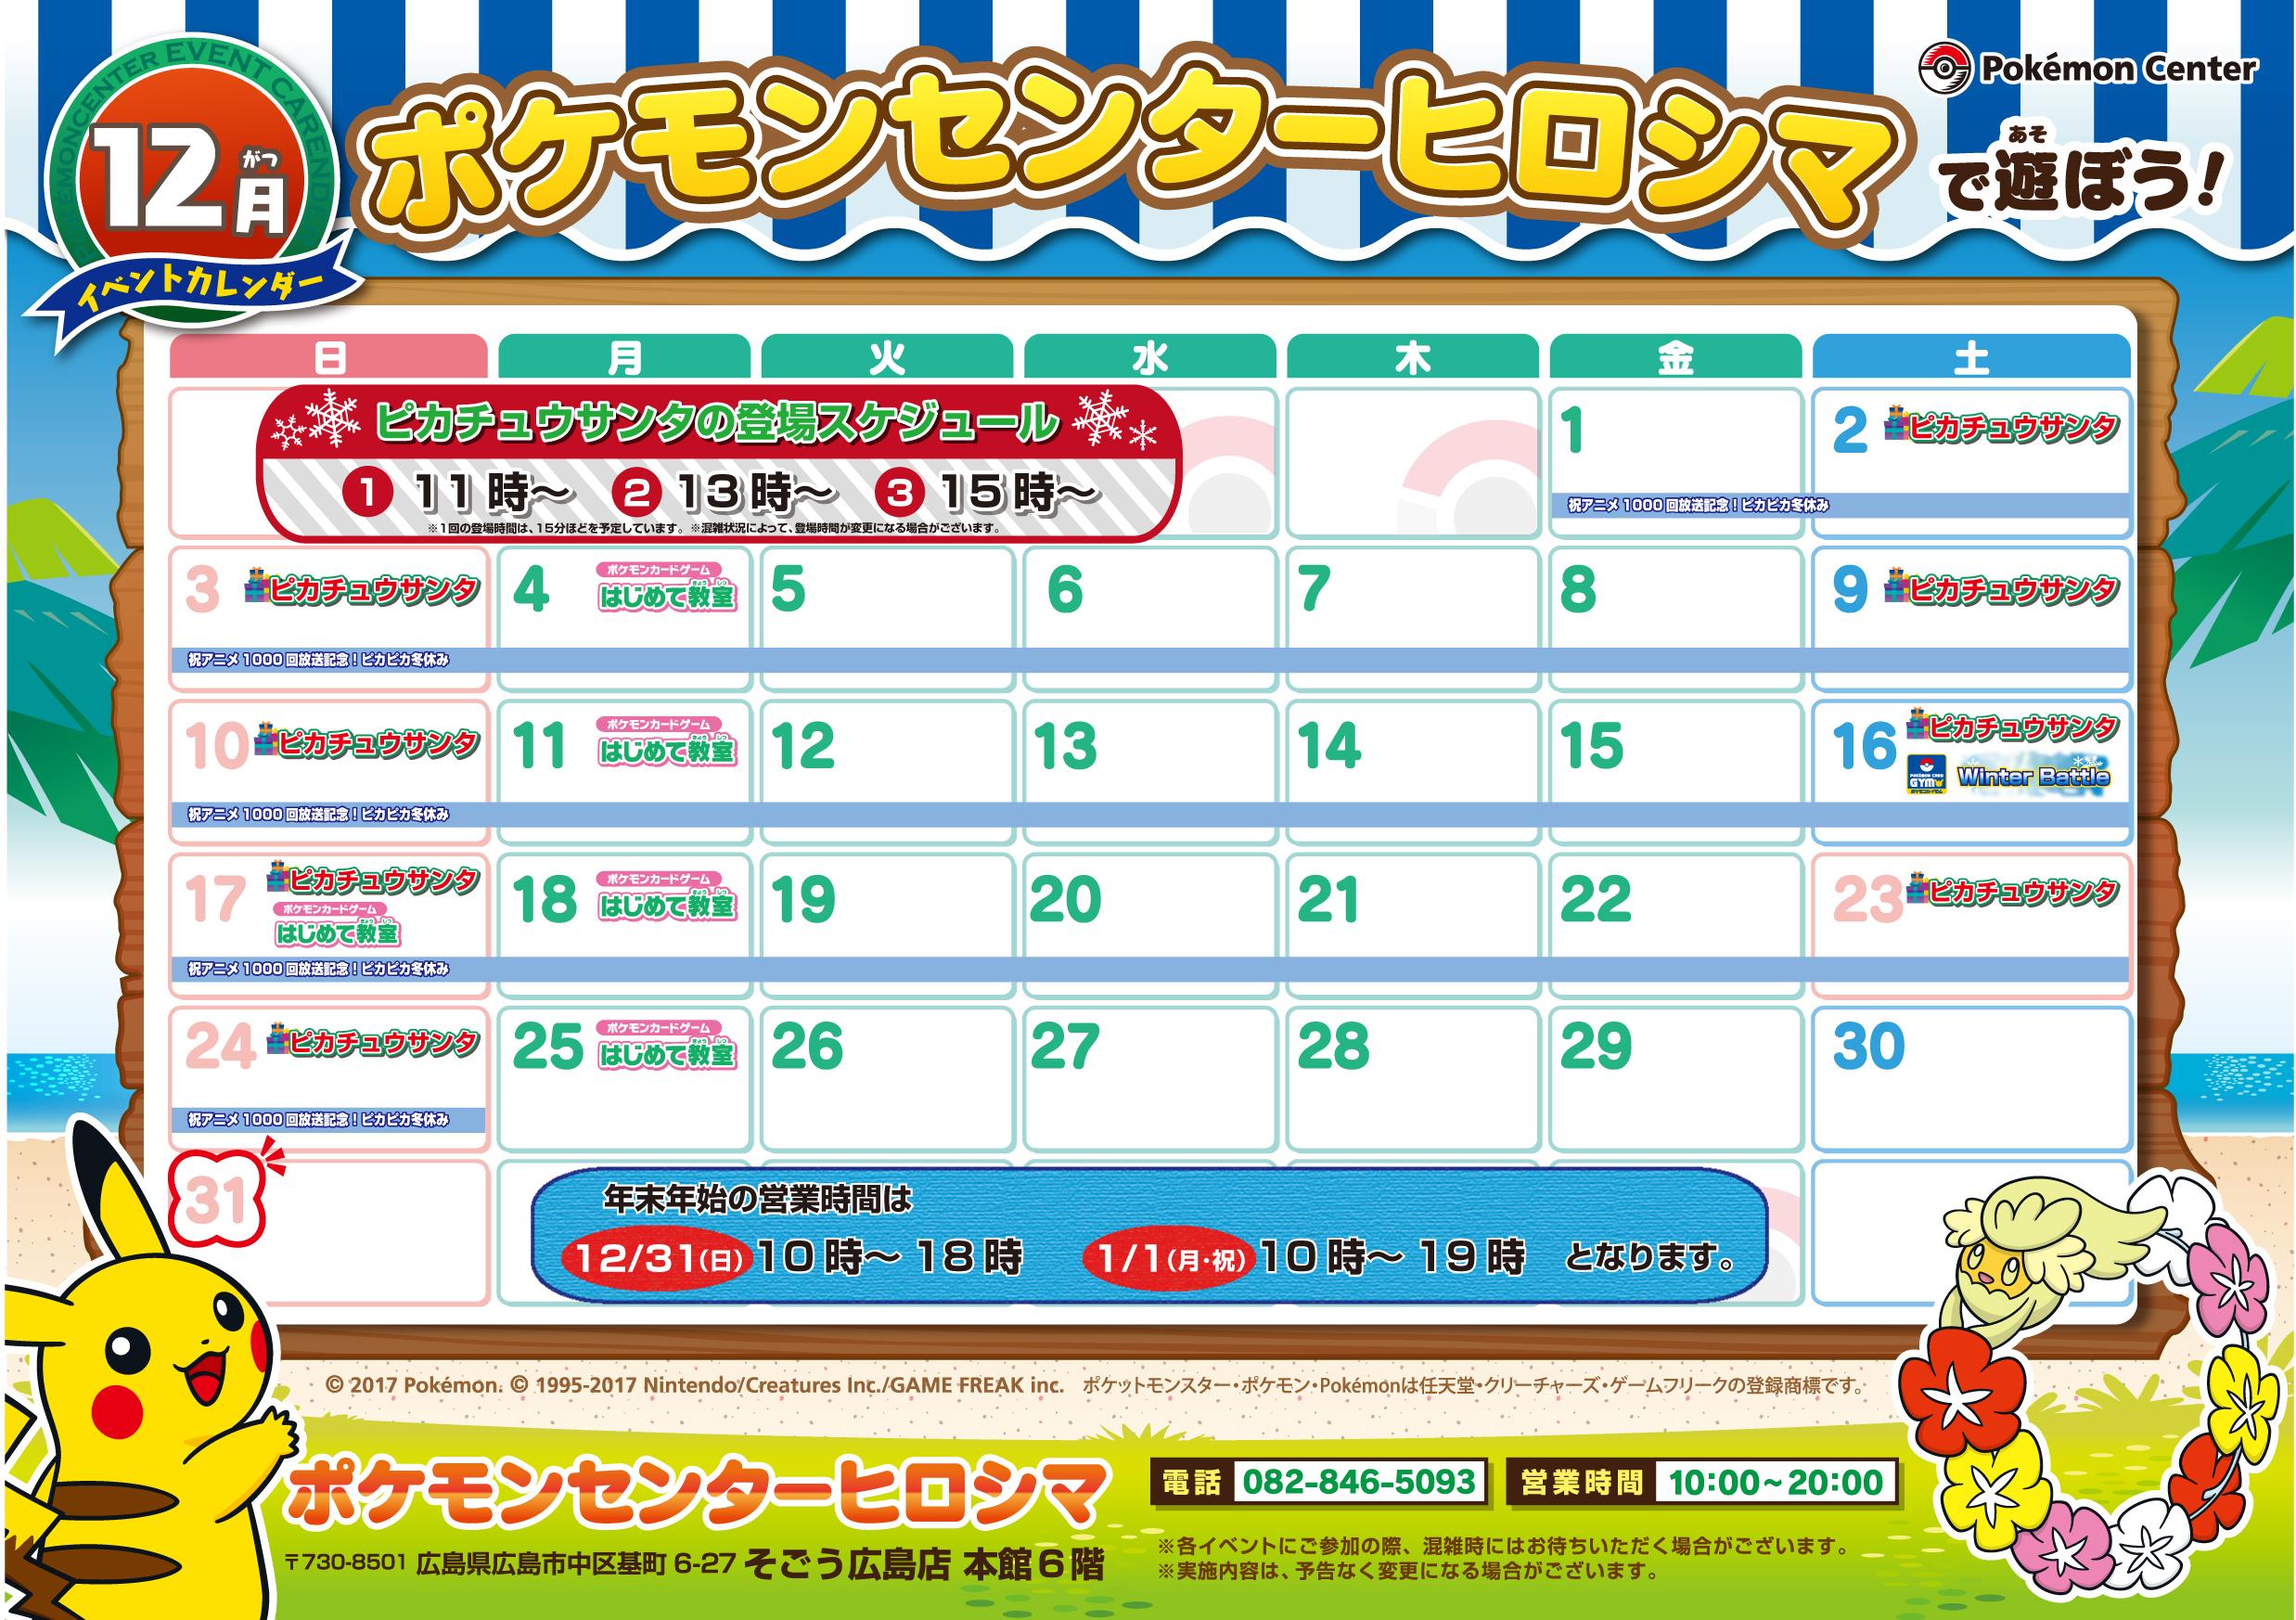 ポケモンセンターヒロシマ】12月開催のイベントカレンダー|ポケモン